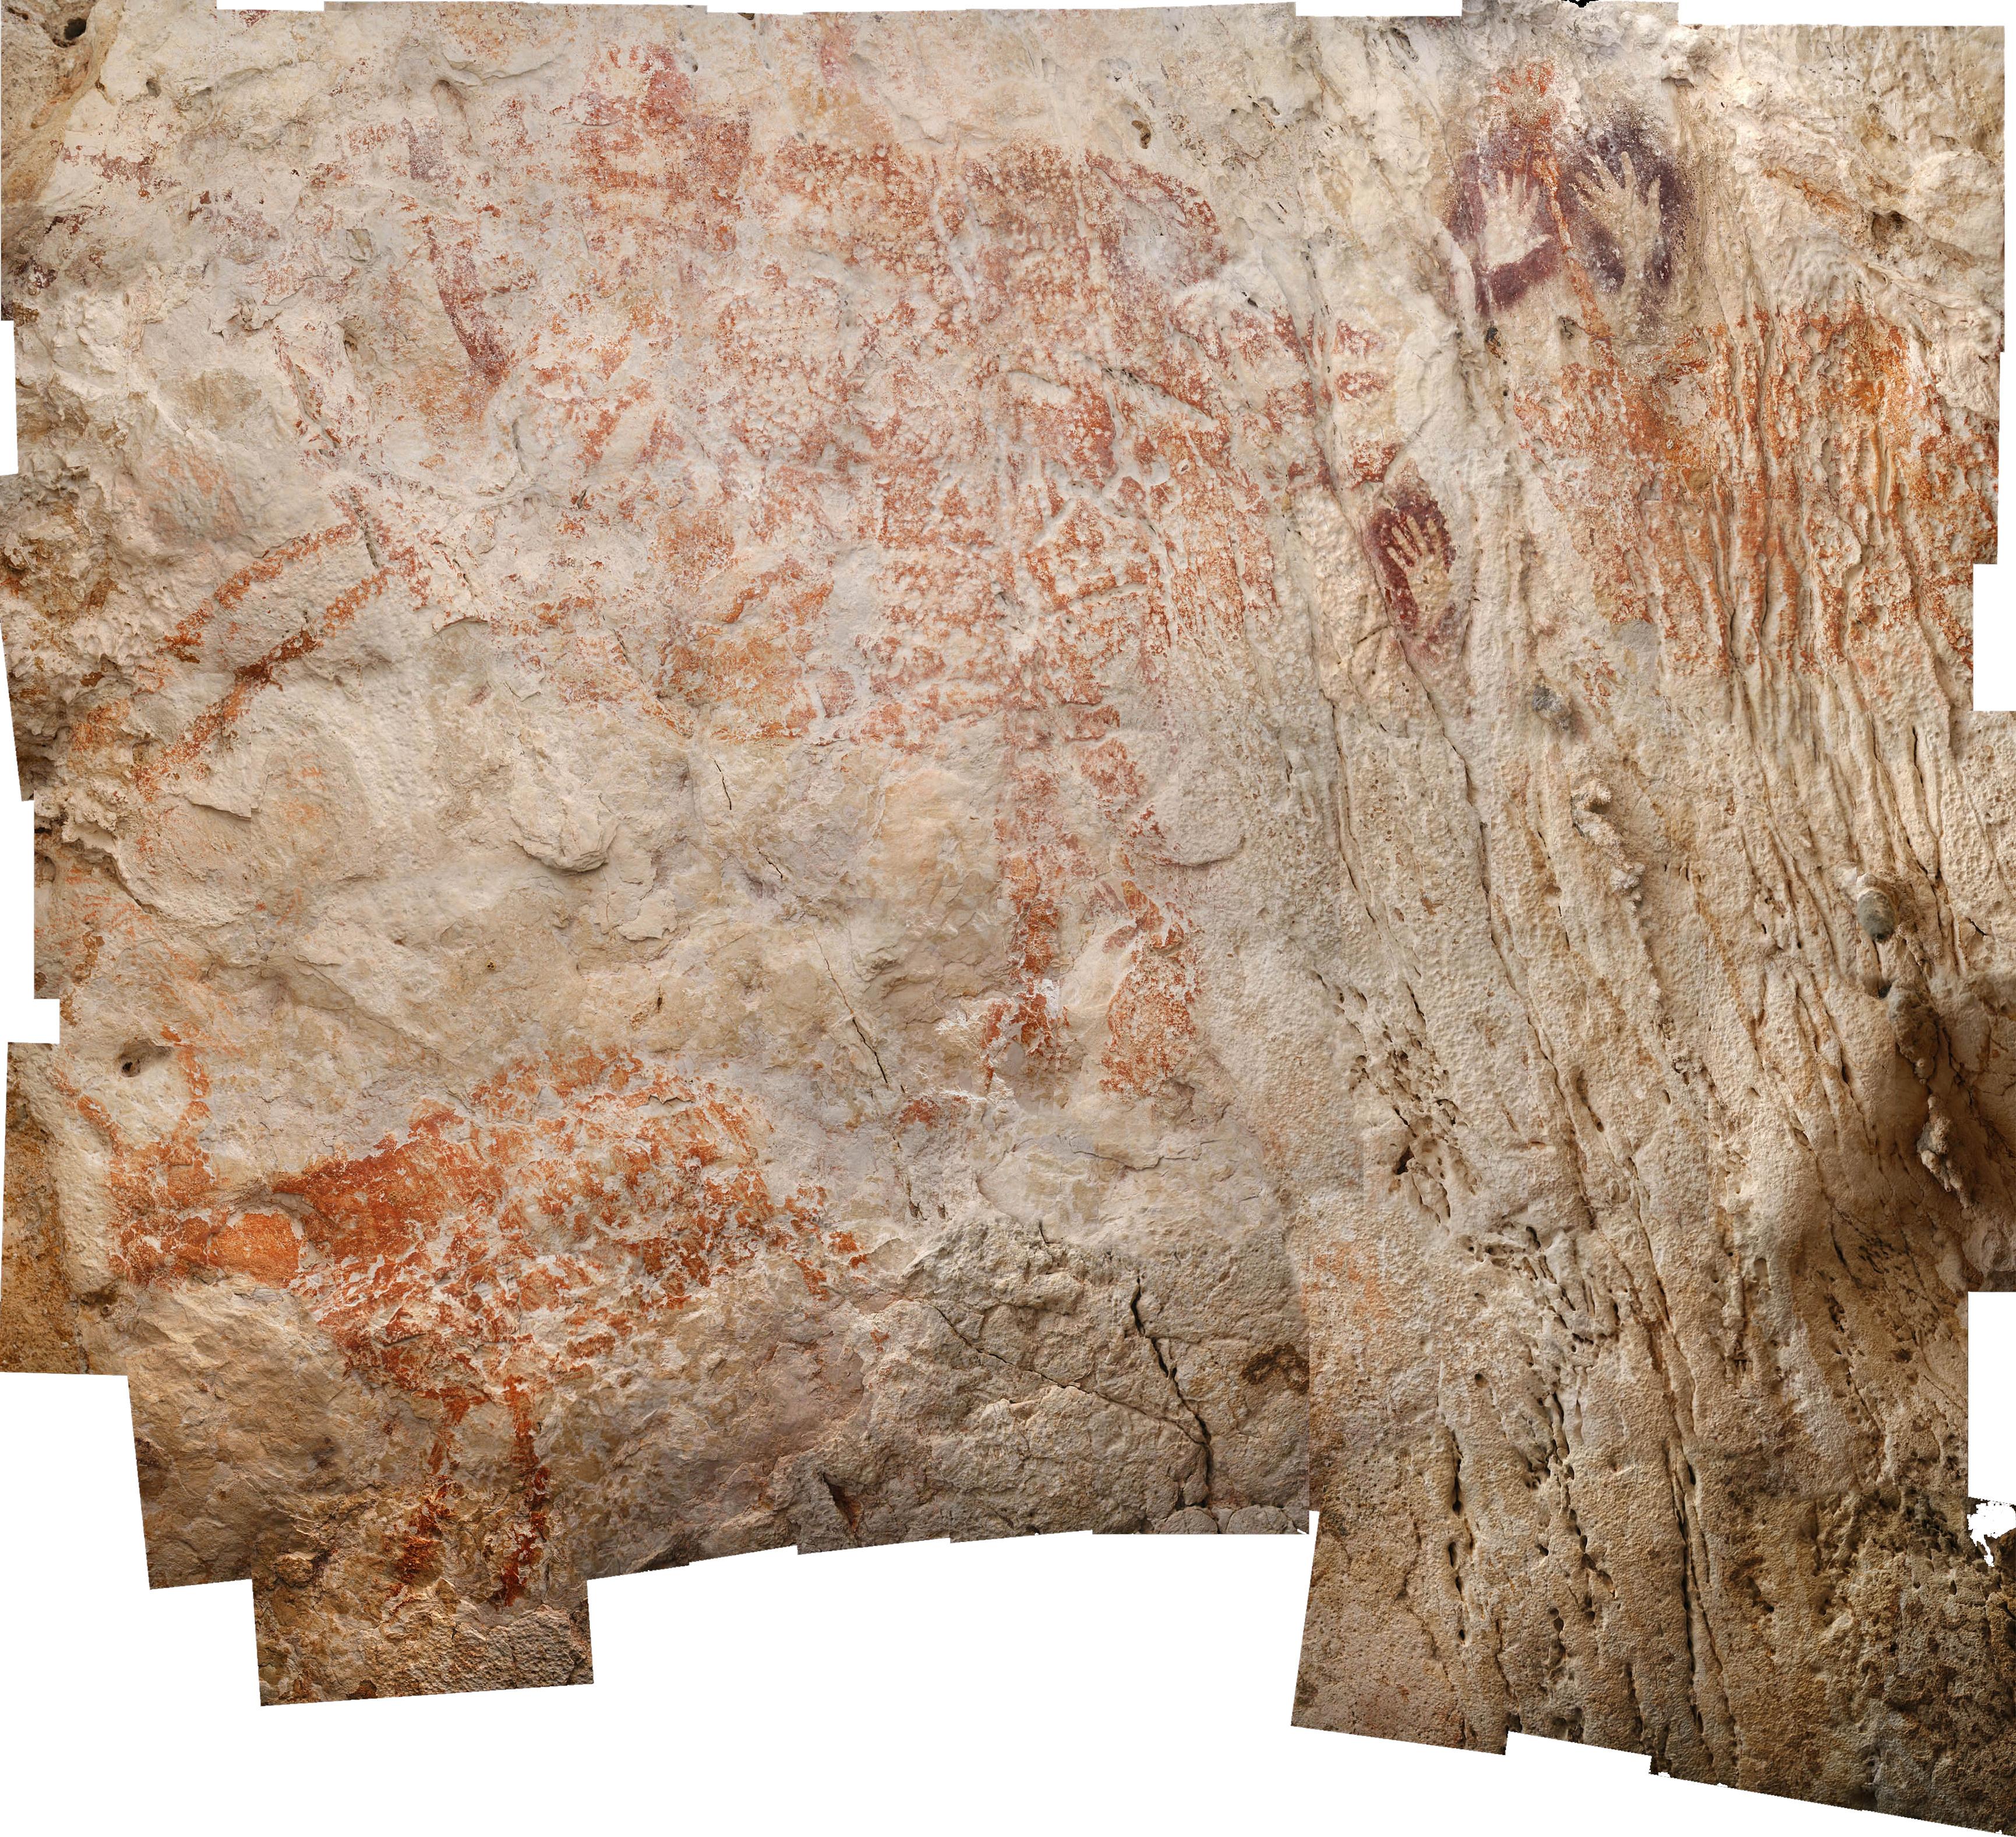 Egy borneói barlangban fedezték fel a világ legrégebbi figuratív rajzait